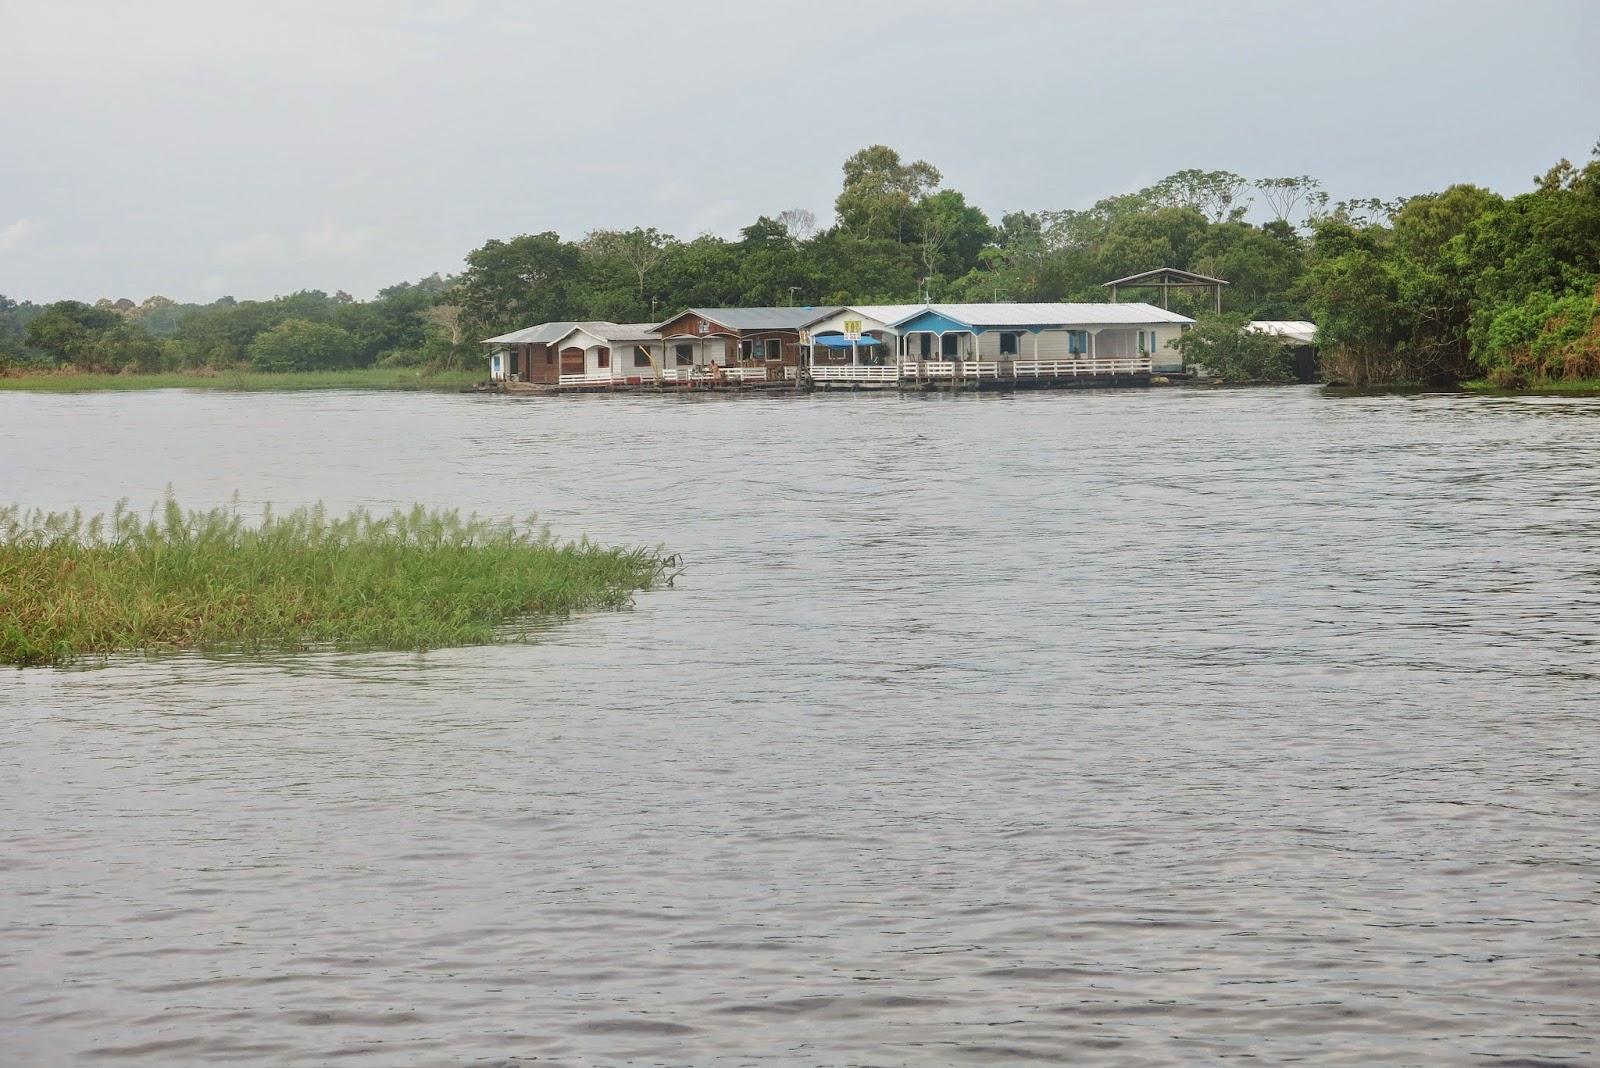 Comunidades ribeirinhas, no Rio Amazonas, em Manaus